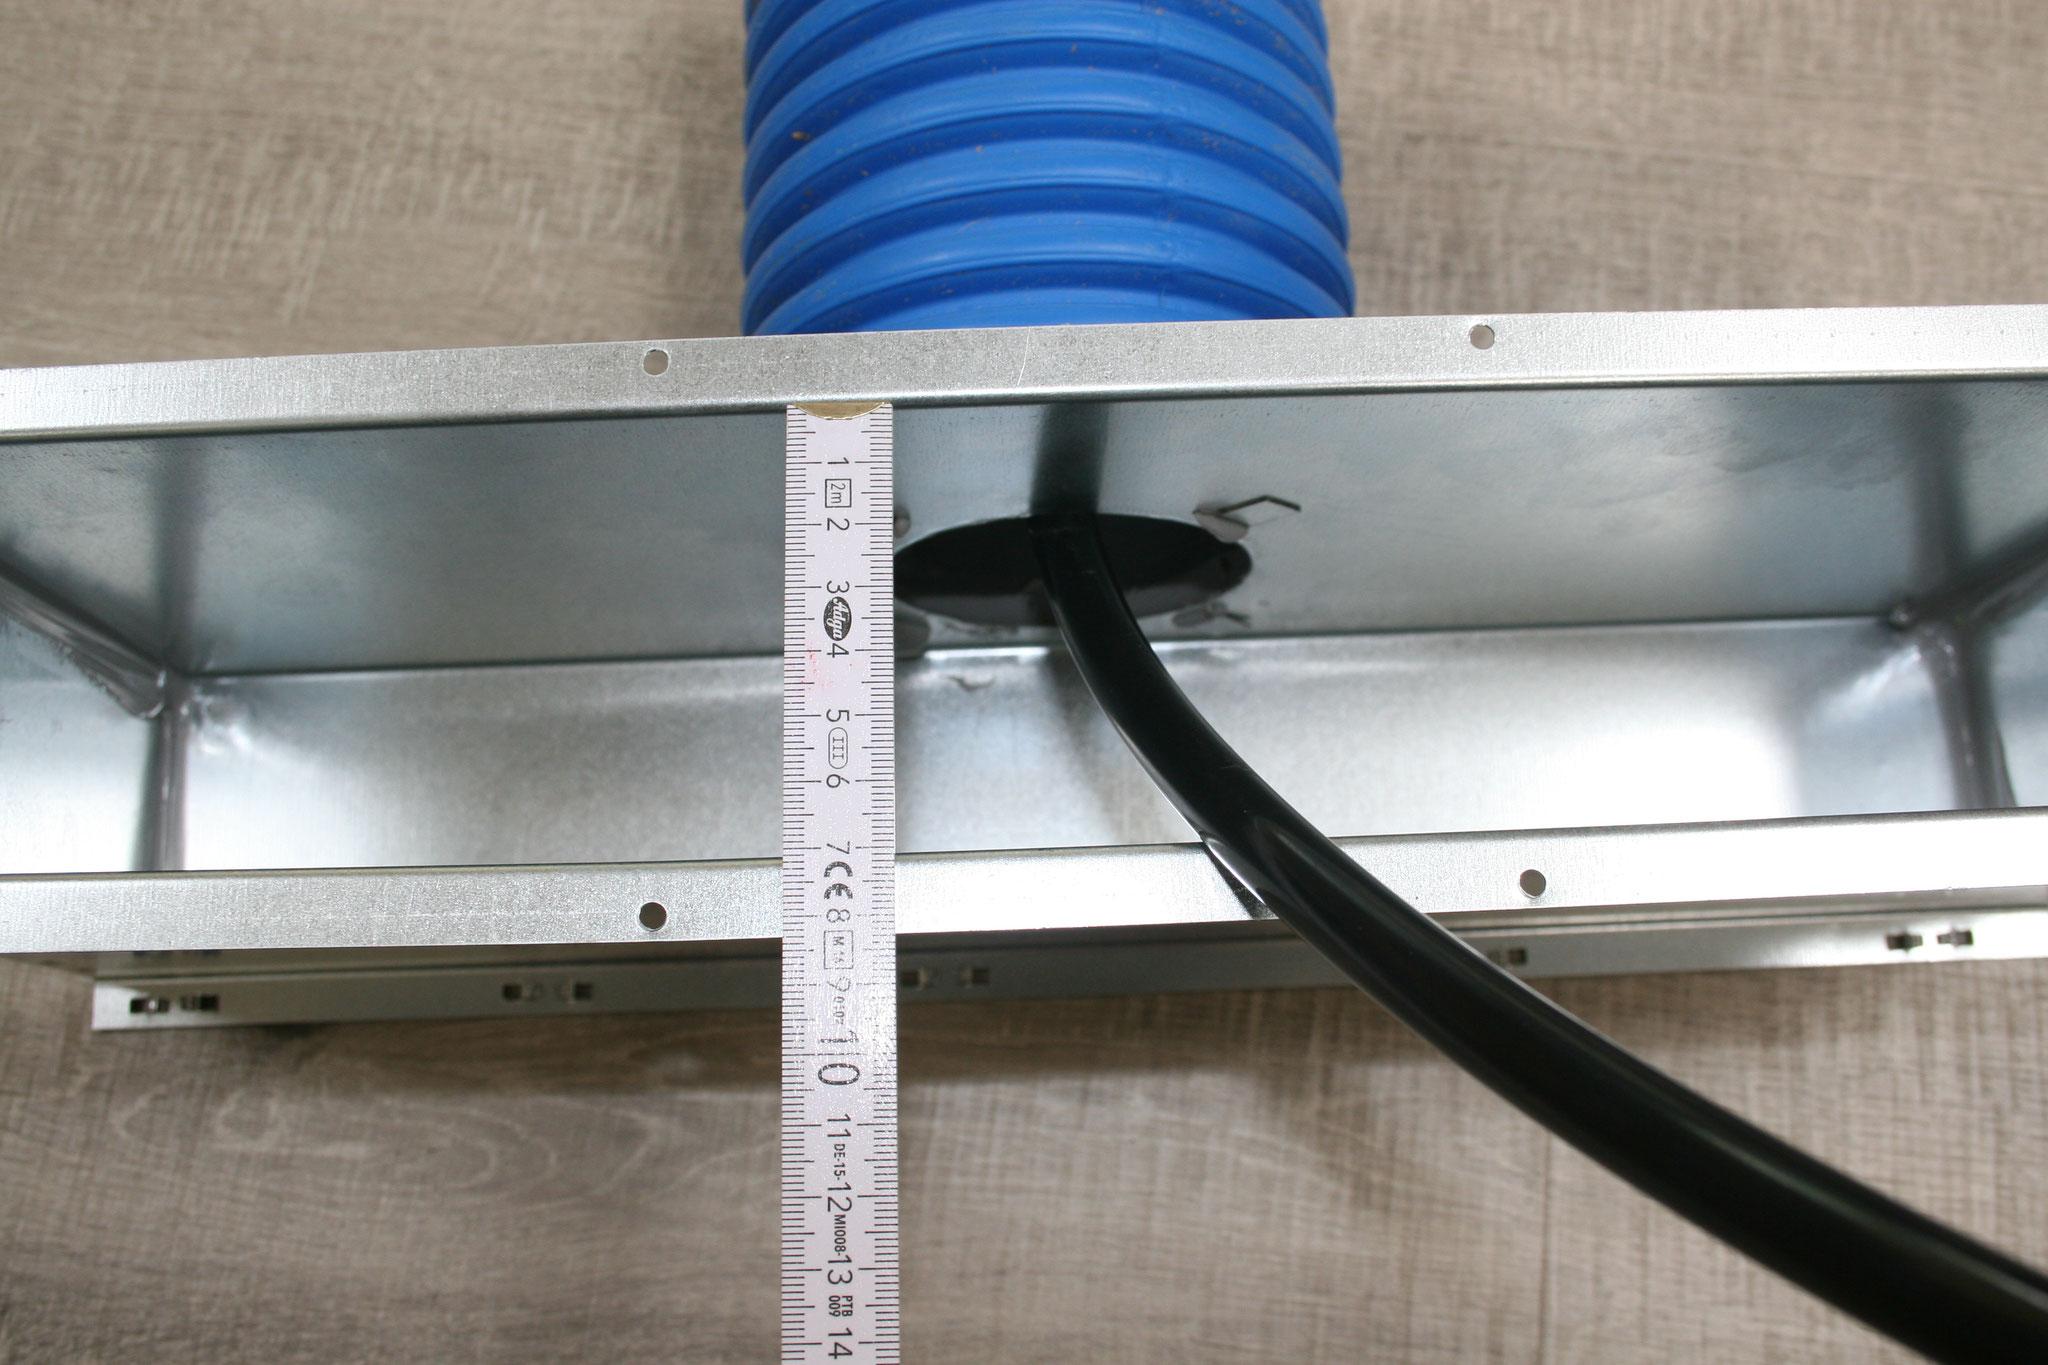 Auch via engste Bodengitter von 7cm Breite können die Leitungen problemlos und spielend gereinigt werden, dank der hochflexiblen Welle